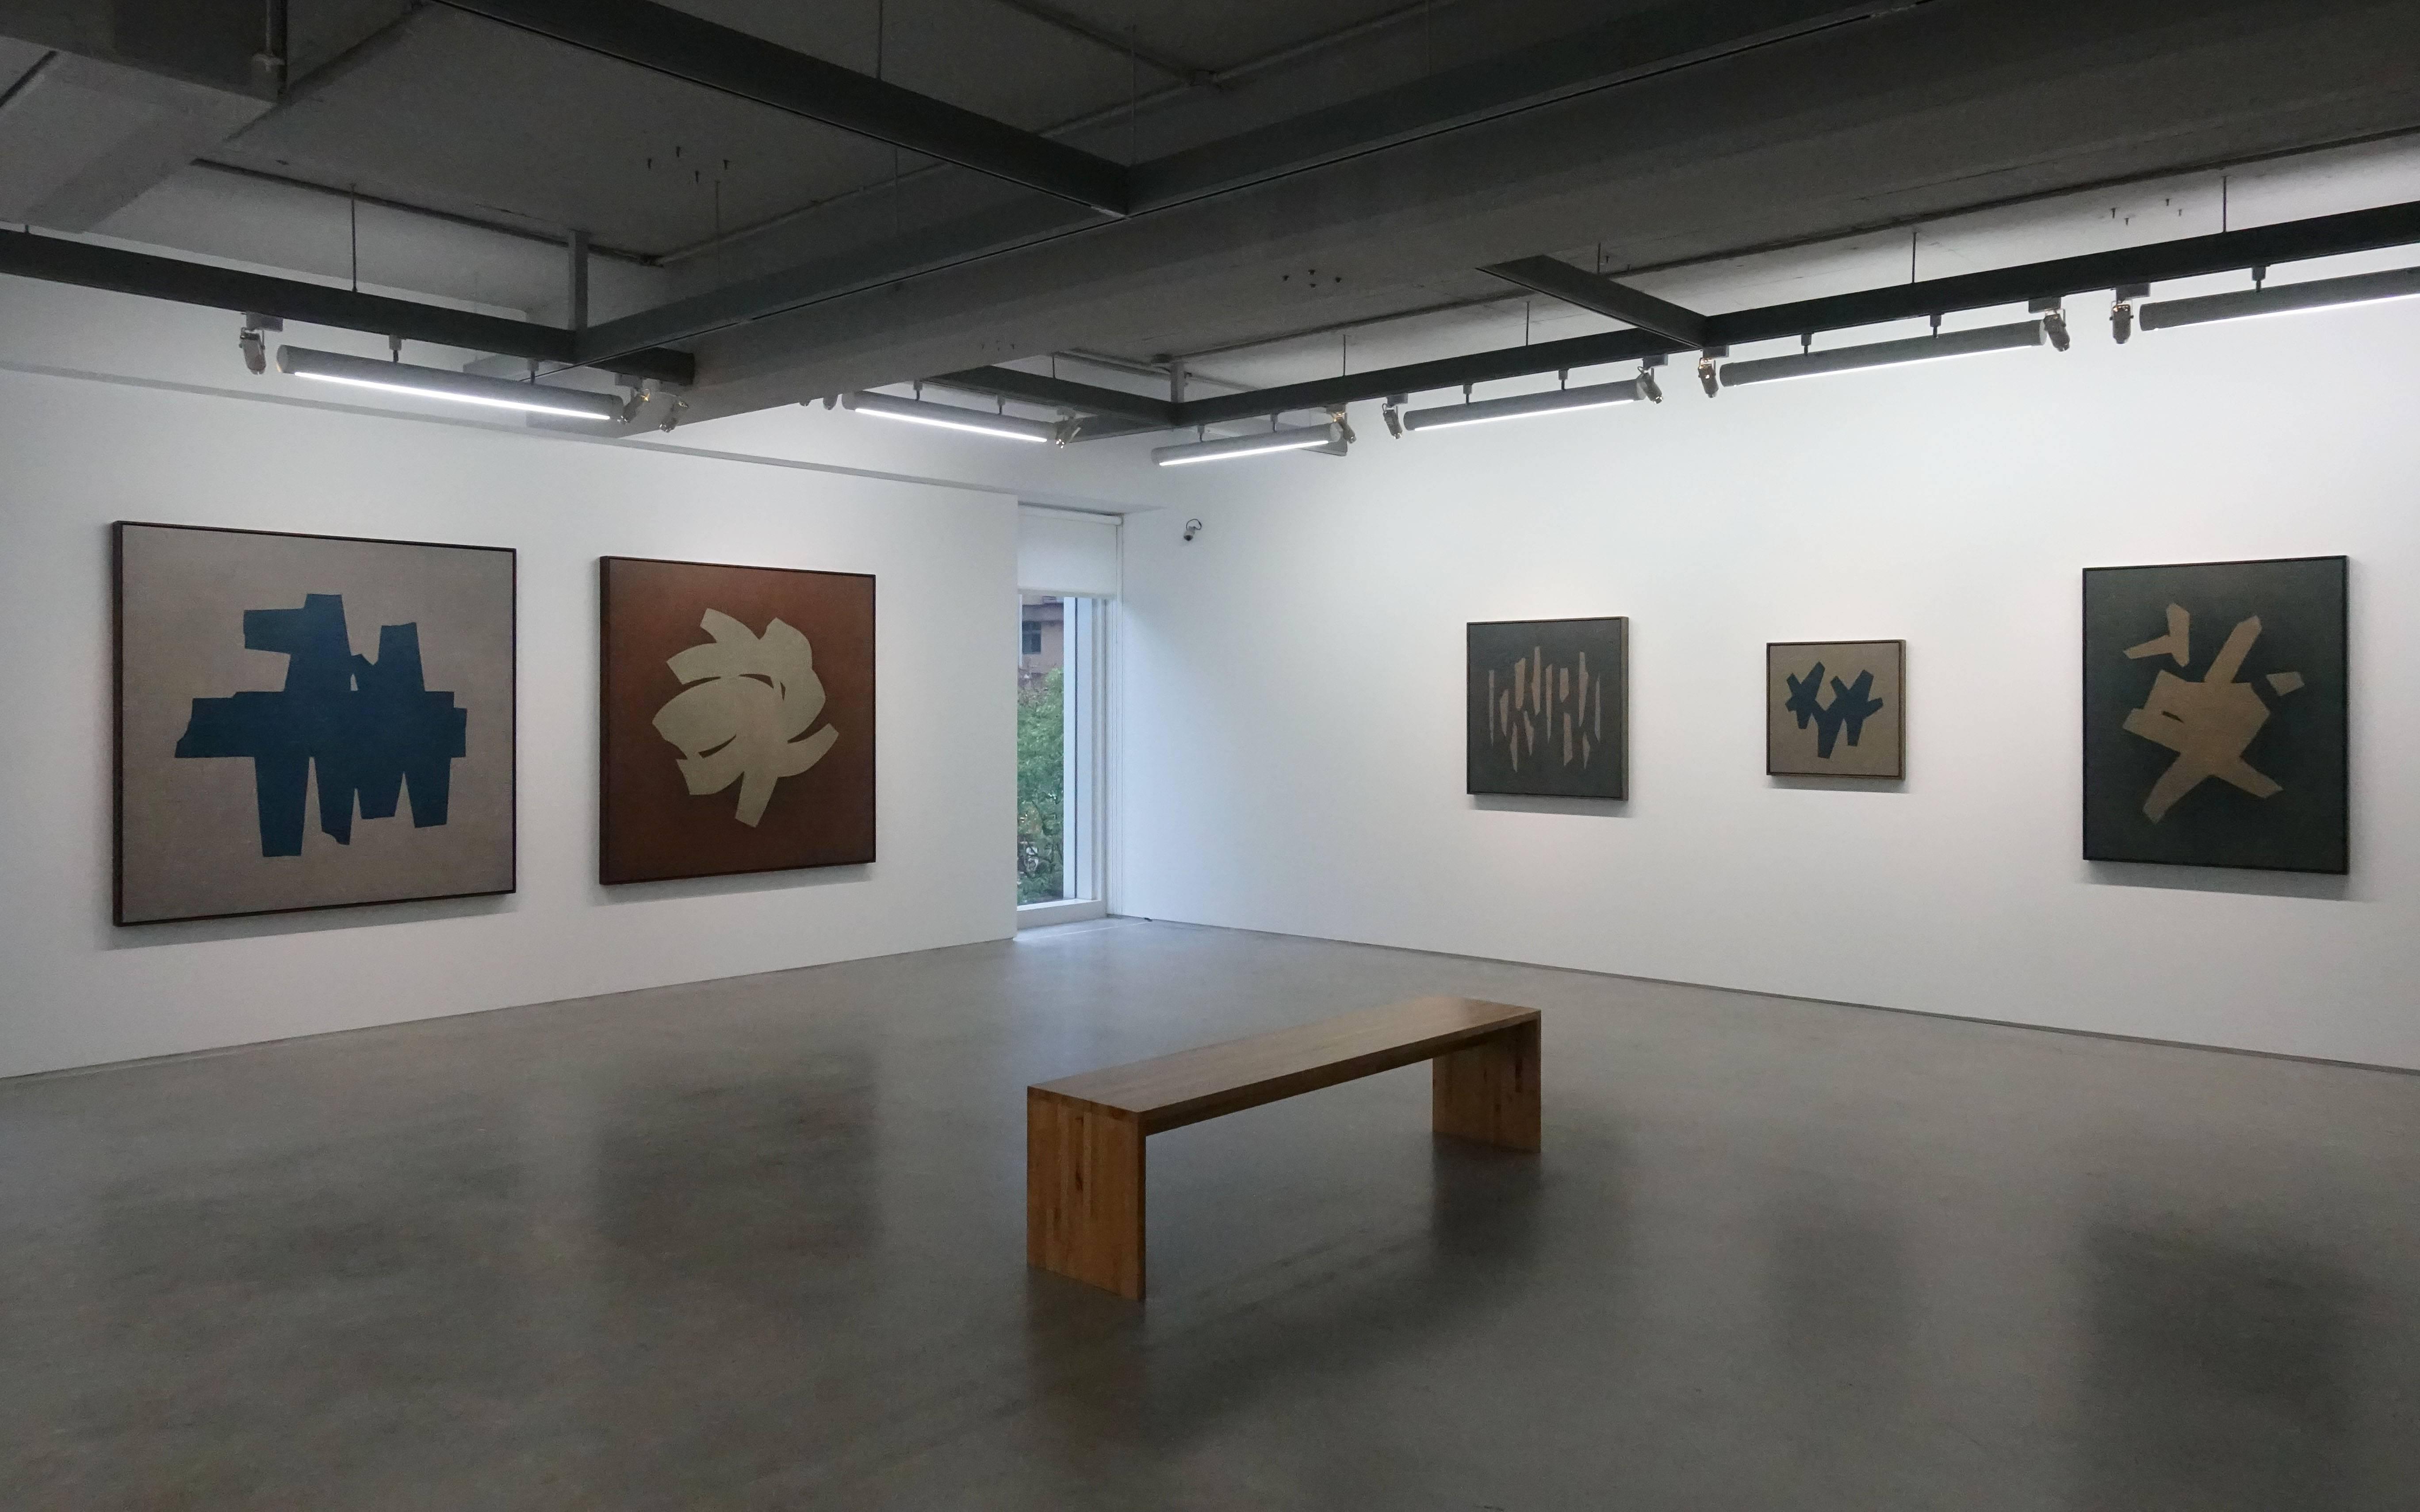 双方藝廊「未定物-吳東龍個展」二樓空間展覽一隅。